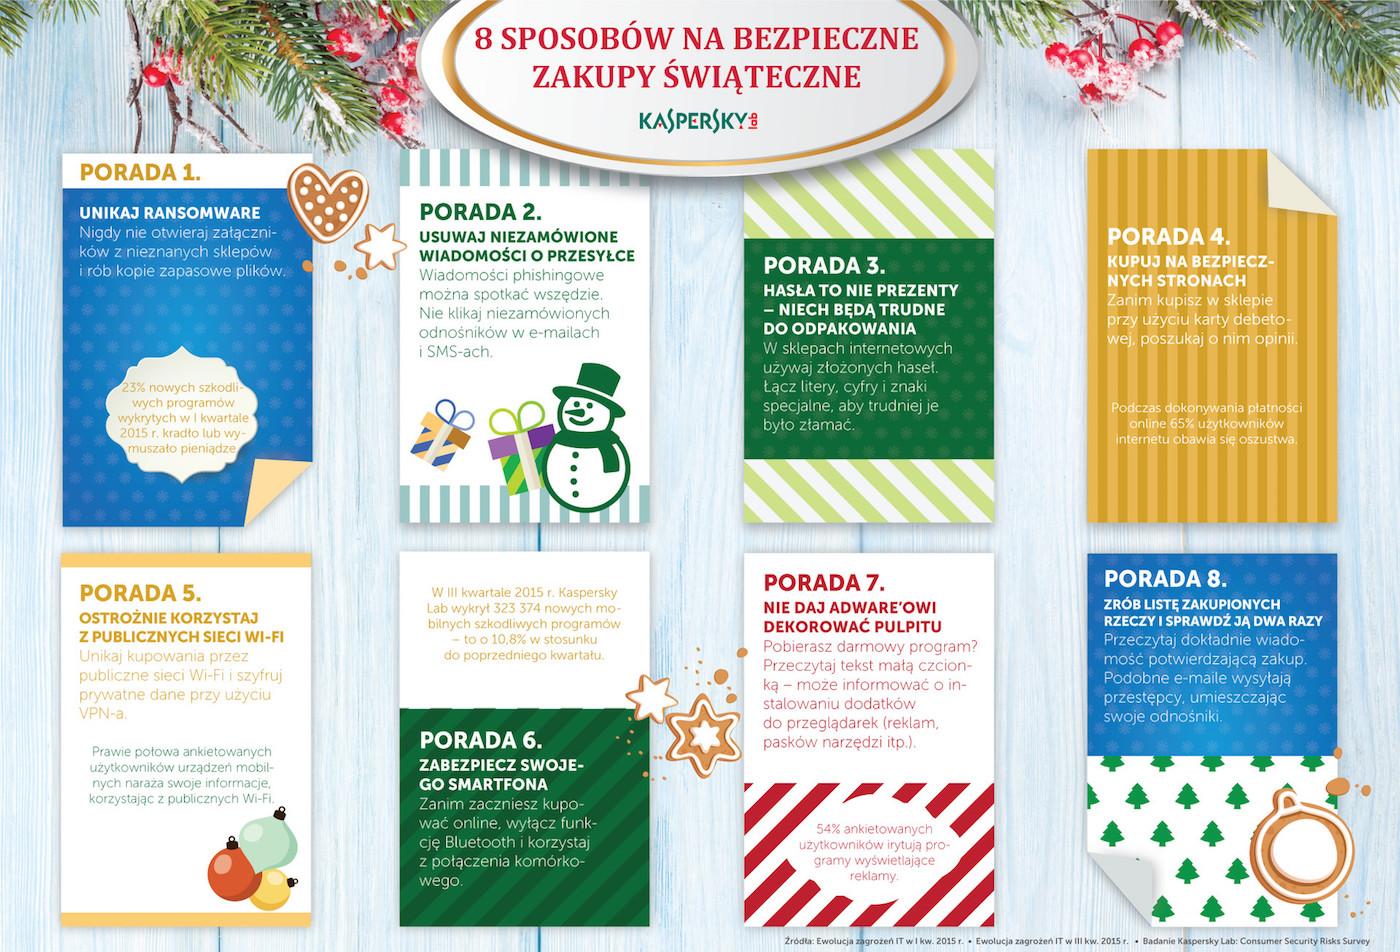 klp_infografika_porady_swiateczne